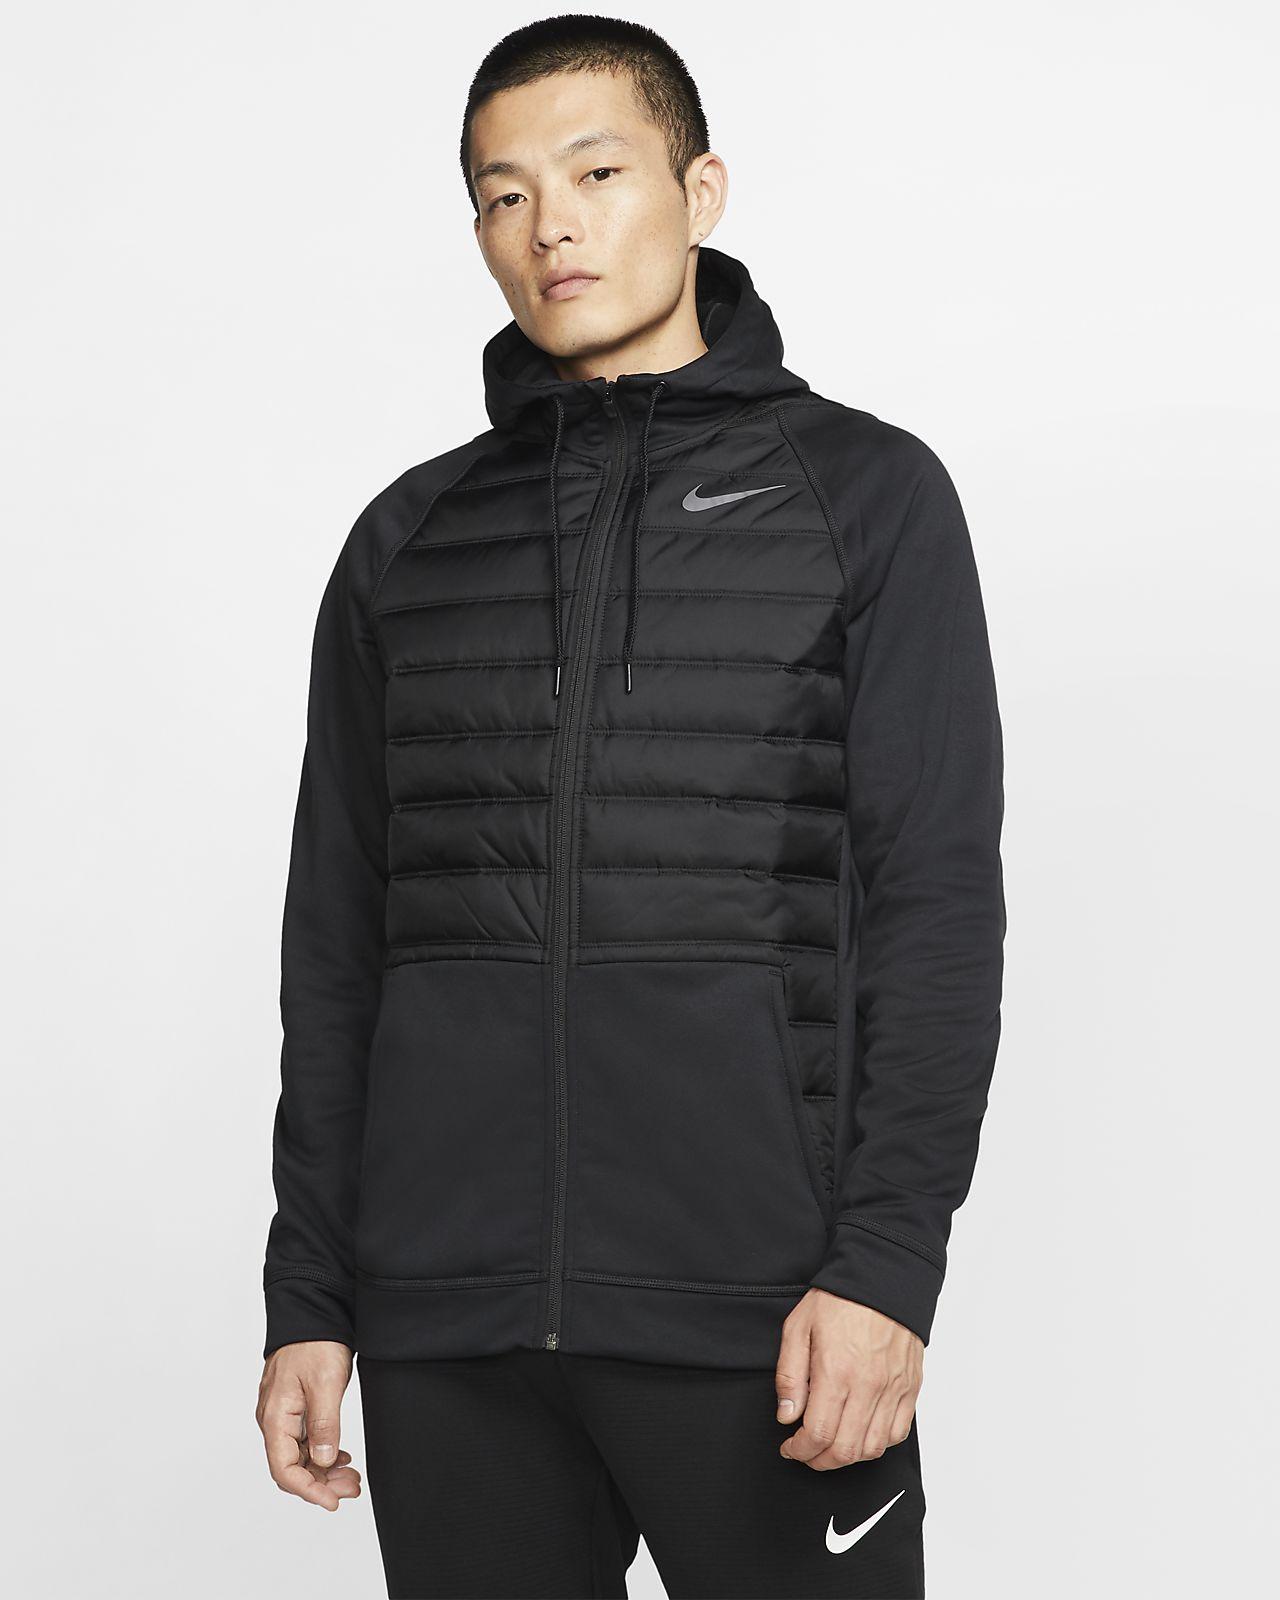 Męska bluza treningowa na zimę z kapturem i zamkiem na całej długości Nike Therma